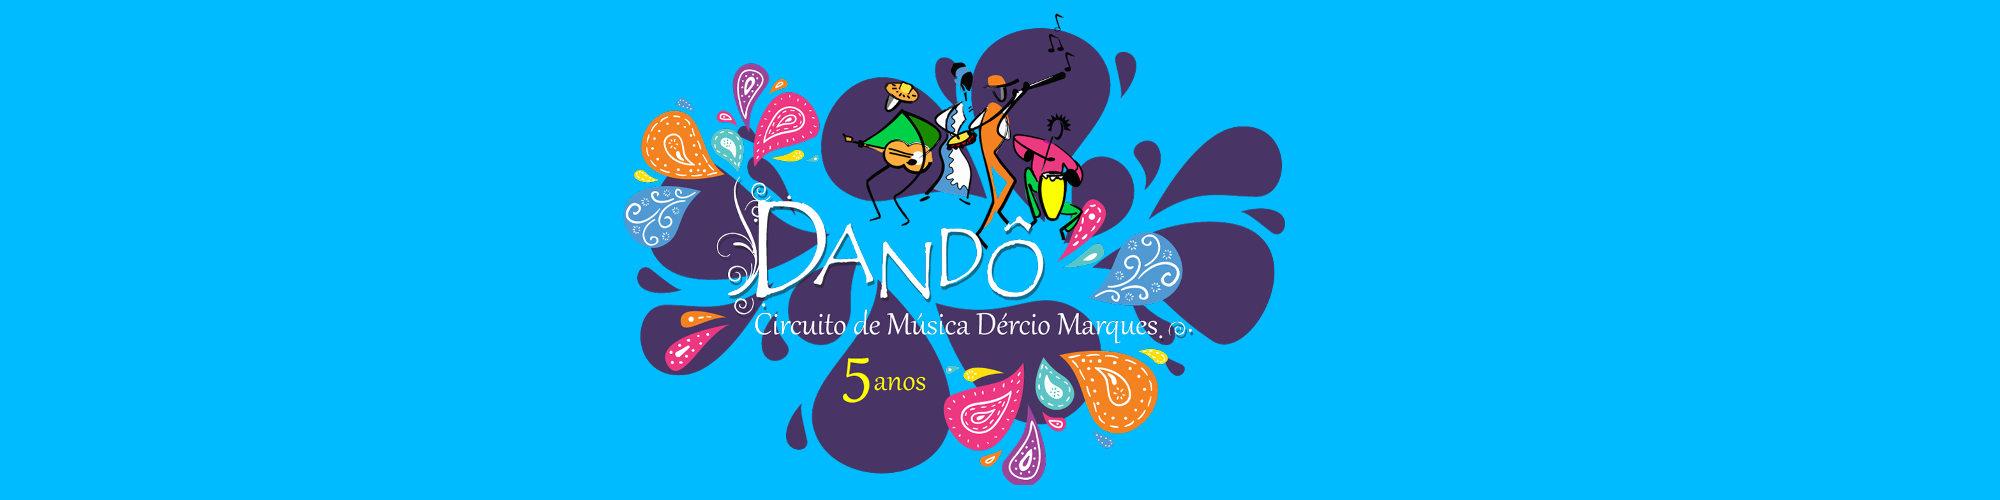 Ocupação Dandô festeja 5 anos do Circuito de Música Dércio Marques